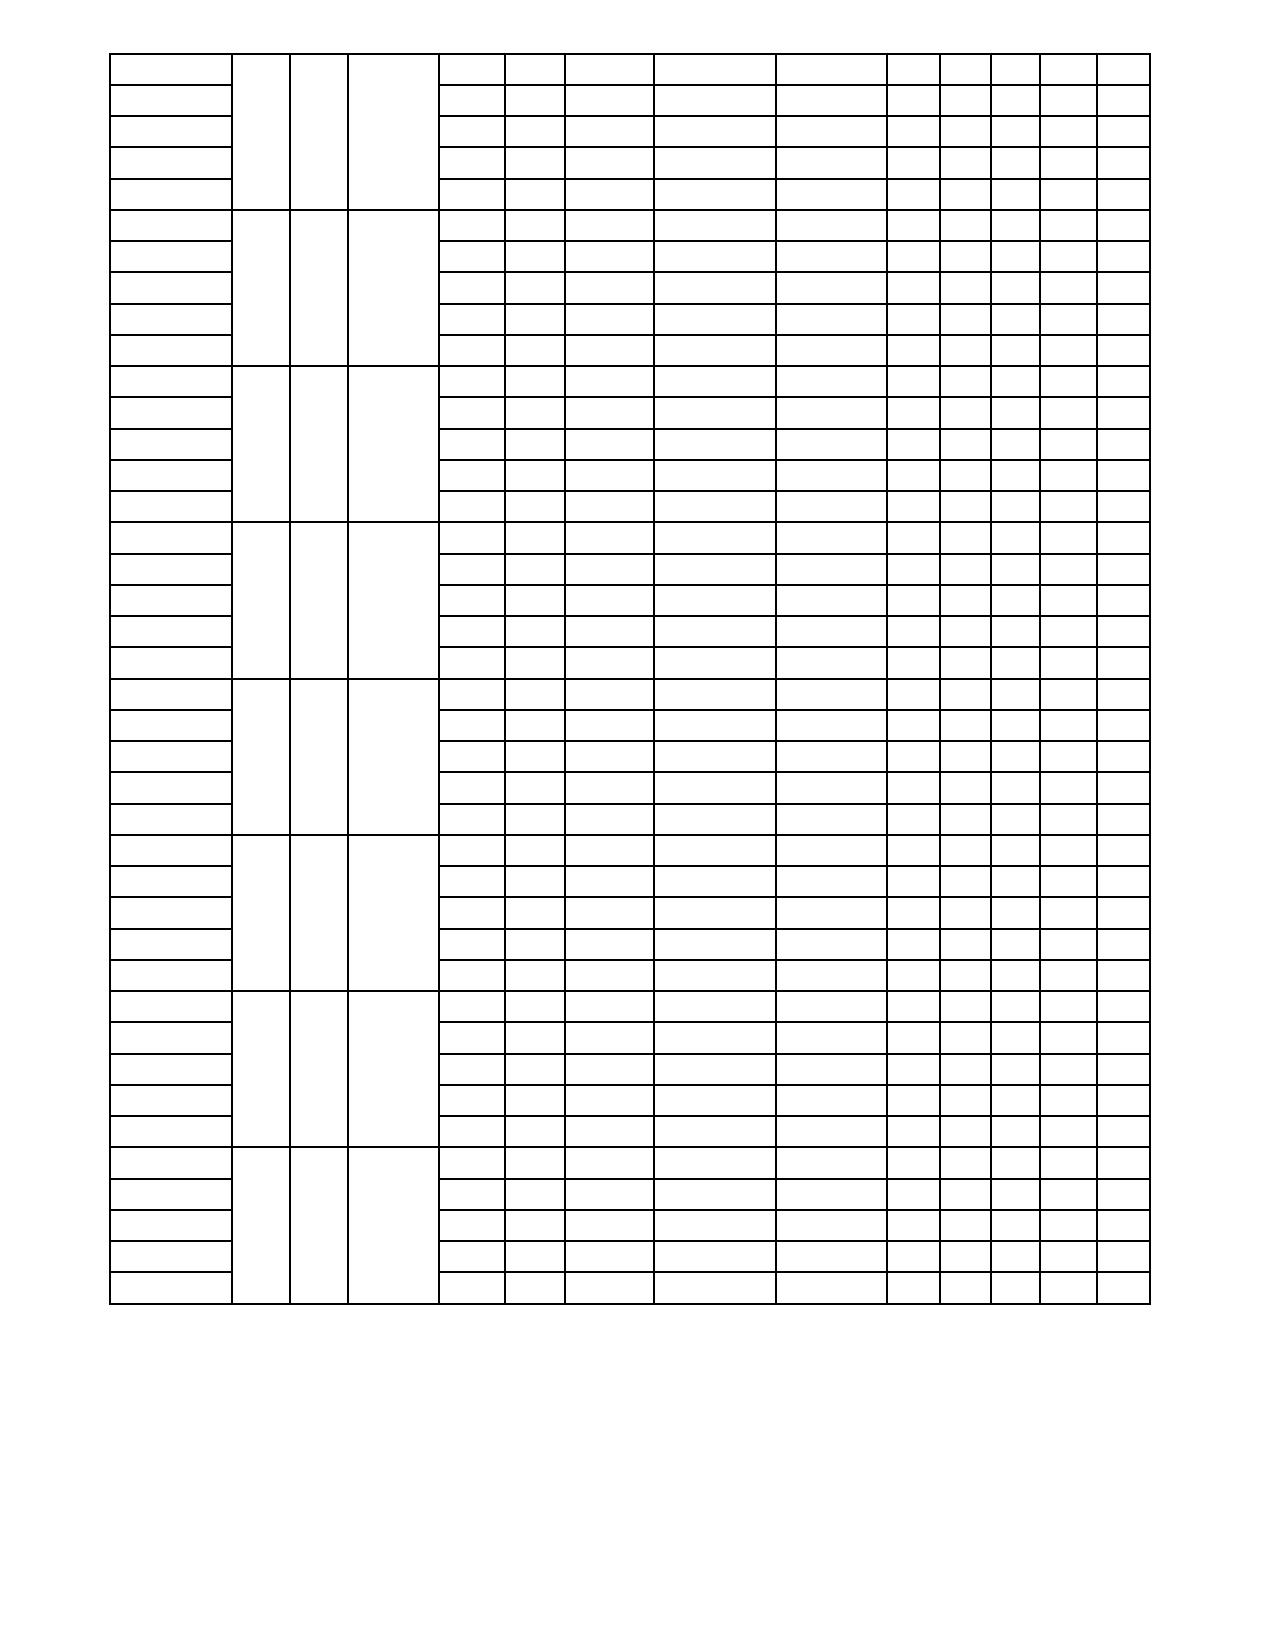 V05K25-5 pdf, 電子部品, 半導体, ピン配列